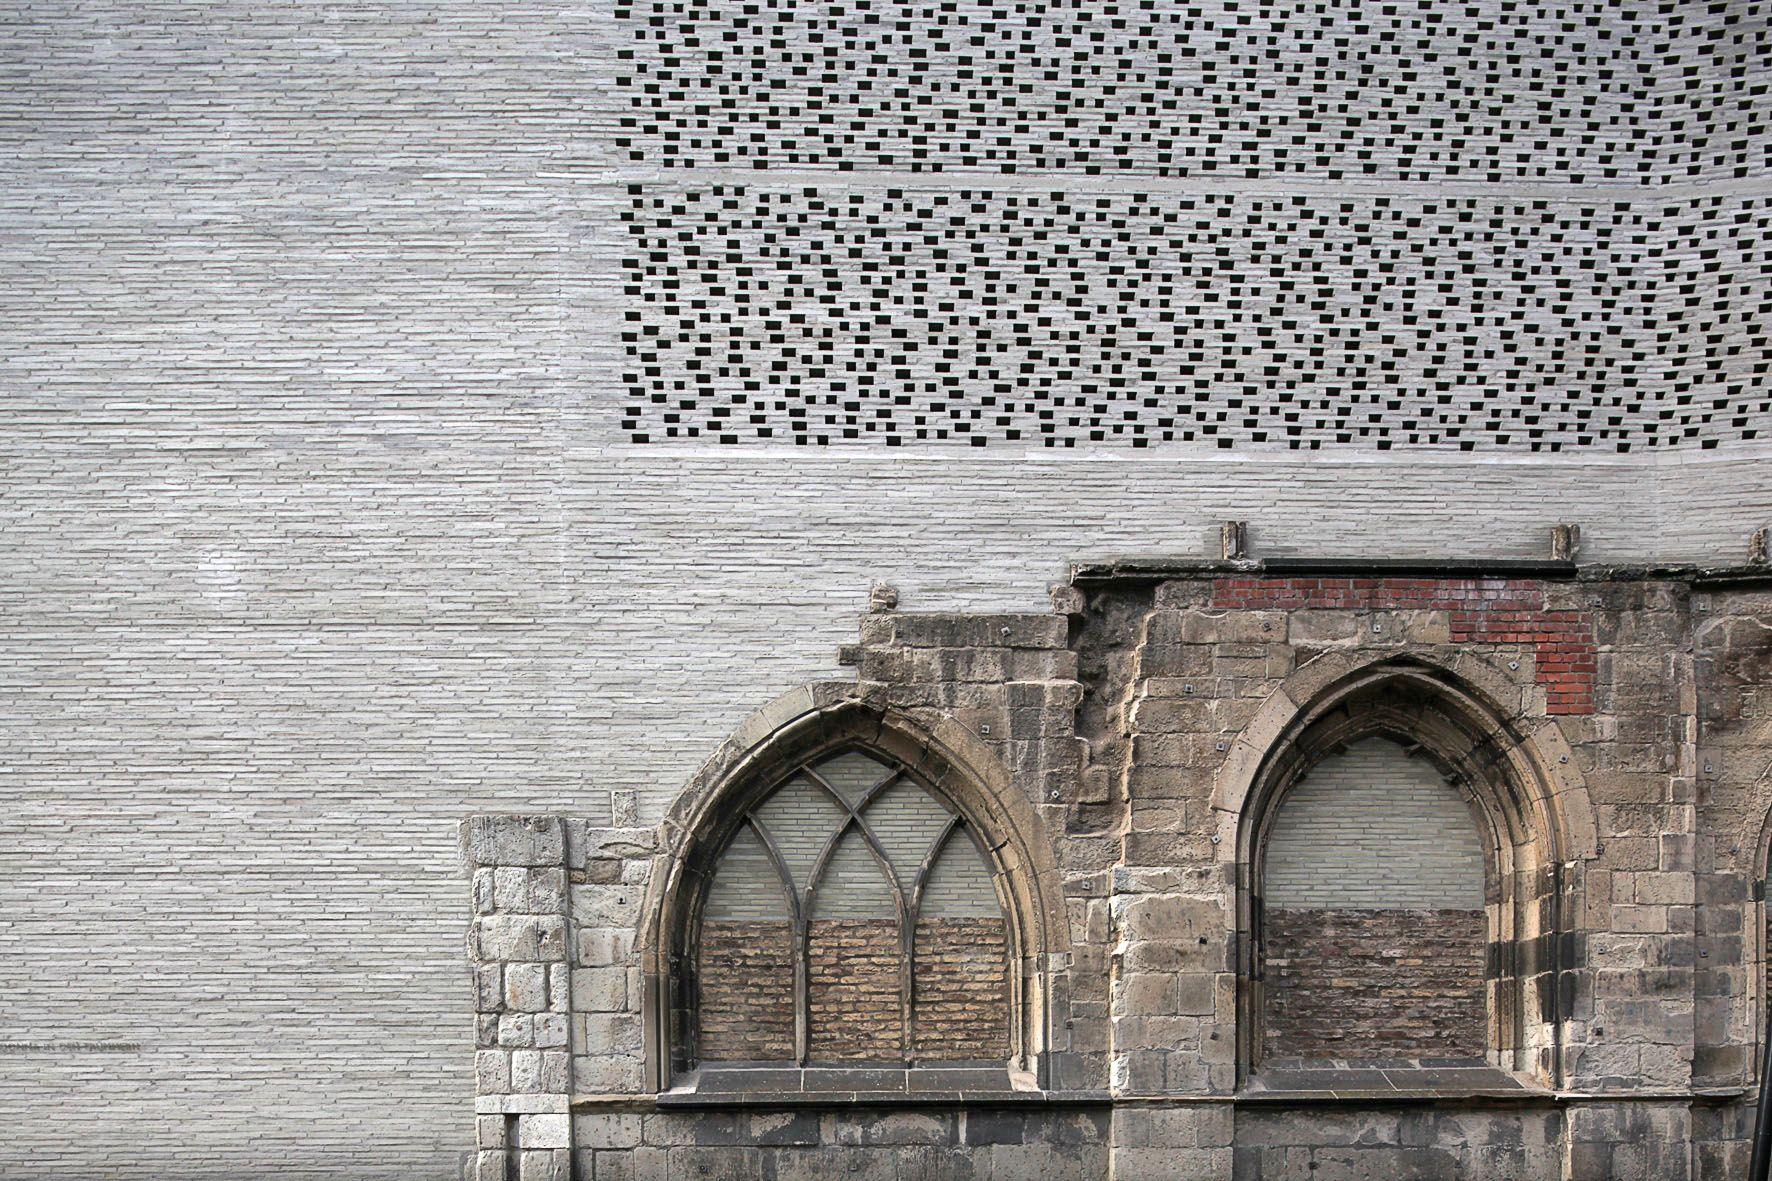 Un recupero architettonico firmato #PeterZumthor per il museo d'arte dell'arcivescovado di Colonia, #KolumbaMuseum. L'architettura di #Zumthor ha dato vita ad uno spazio in cui fede e conoscenza dialogano, passato e presente si incontrano, memoria e modernità si fondono.